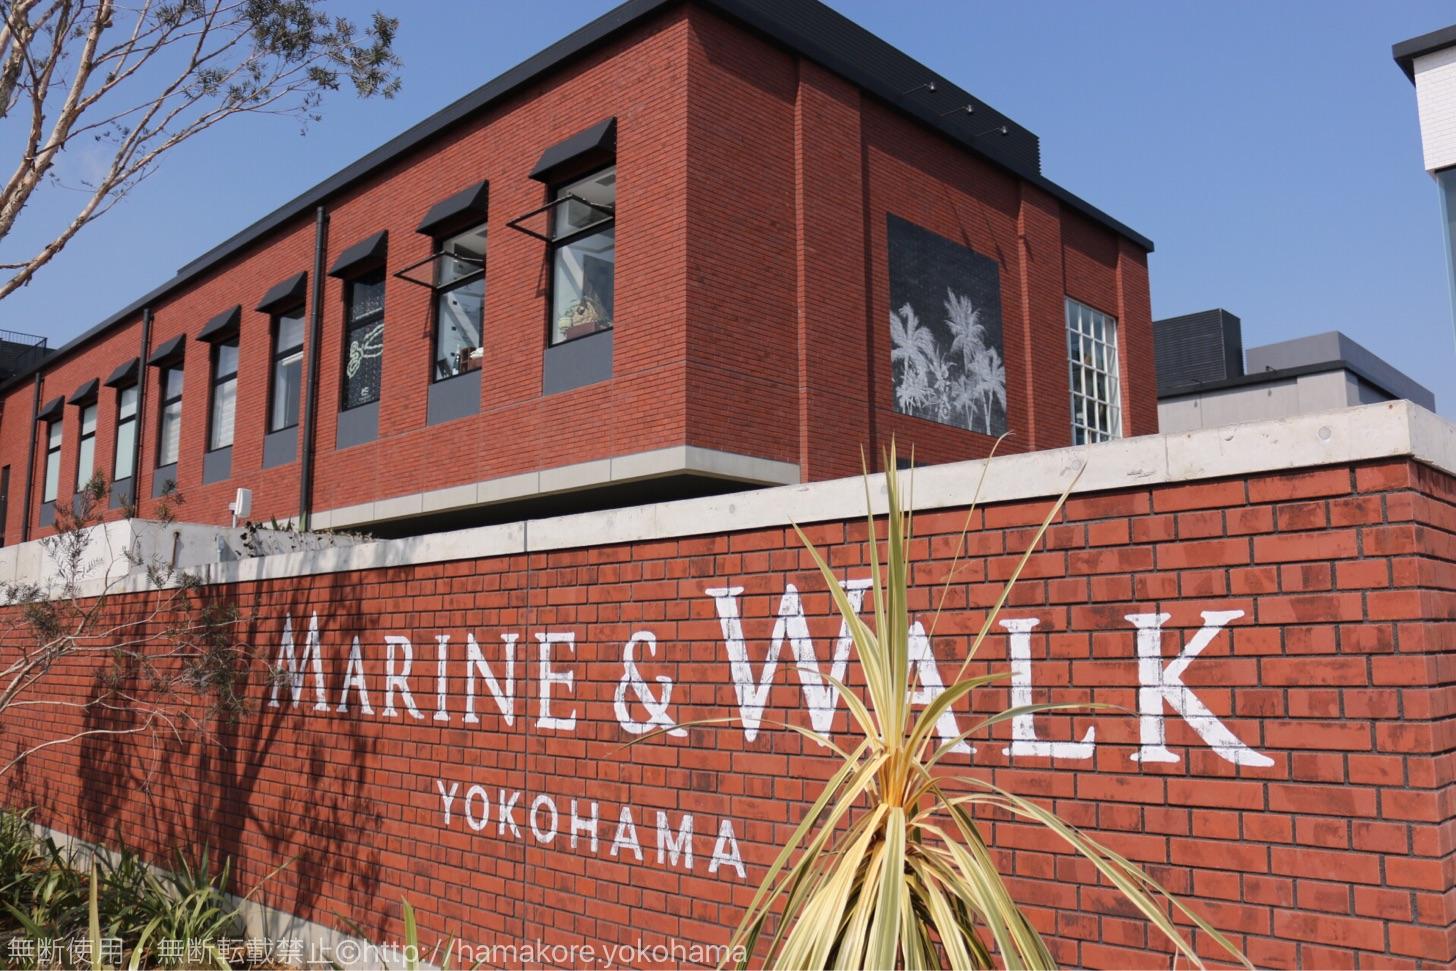 マリン アンド ウォーク 横浜初日!注目の人気飲食店とマリンウォーク内の雰囲気をチェックしてきた